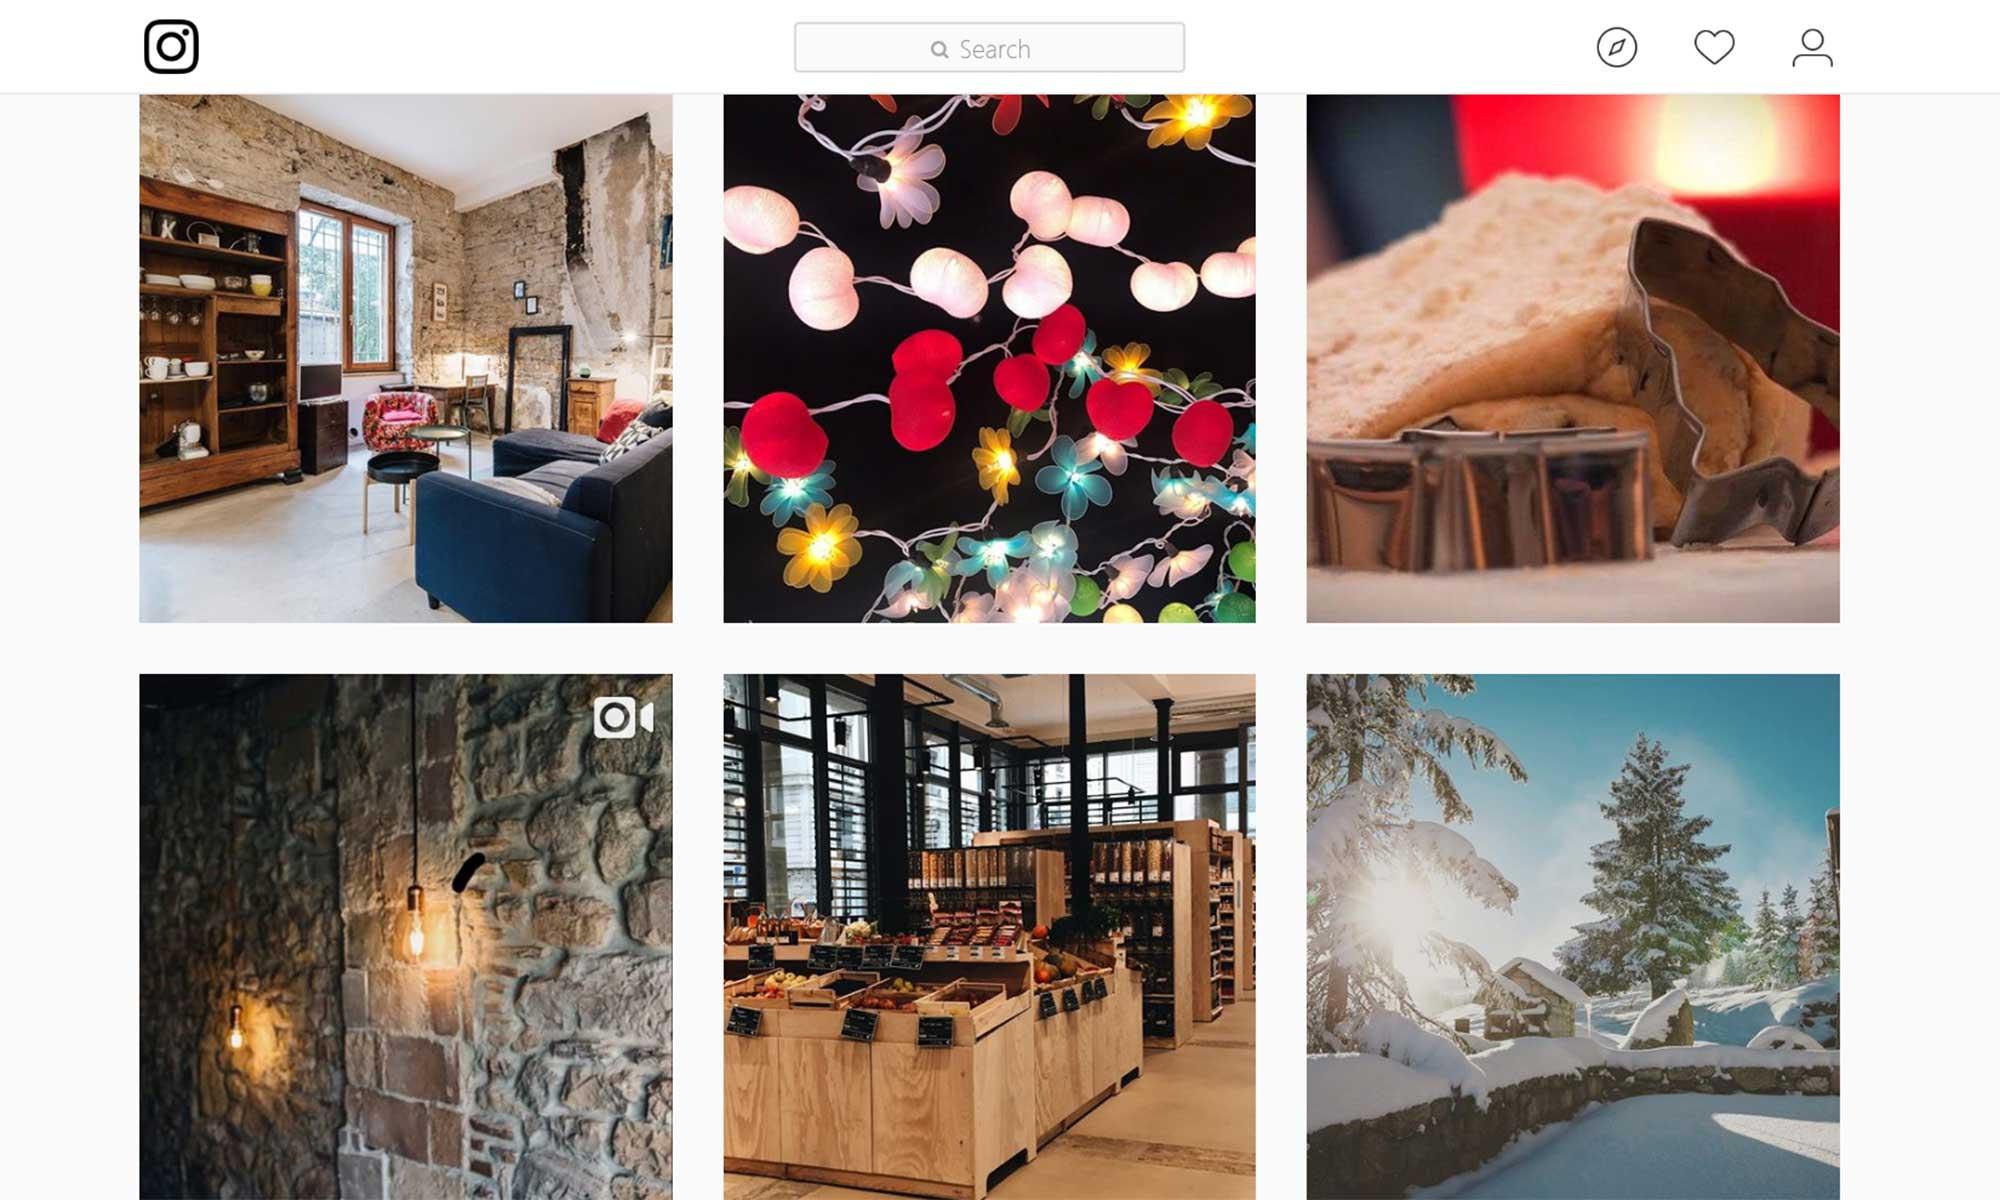 Kako napraviti Instagram profil za oglašavanje smještaja?